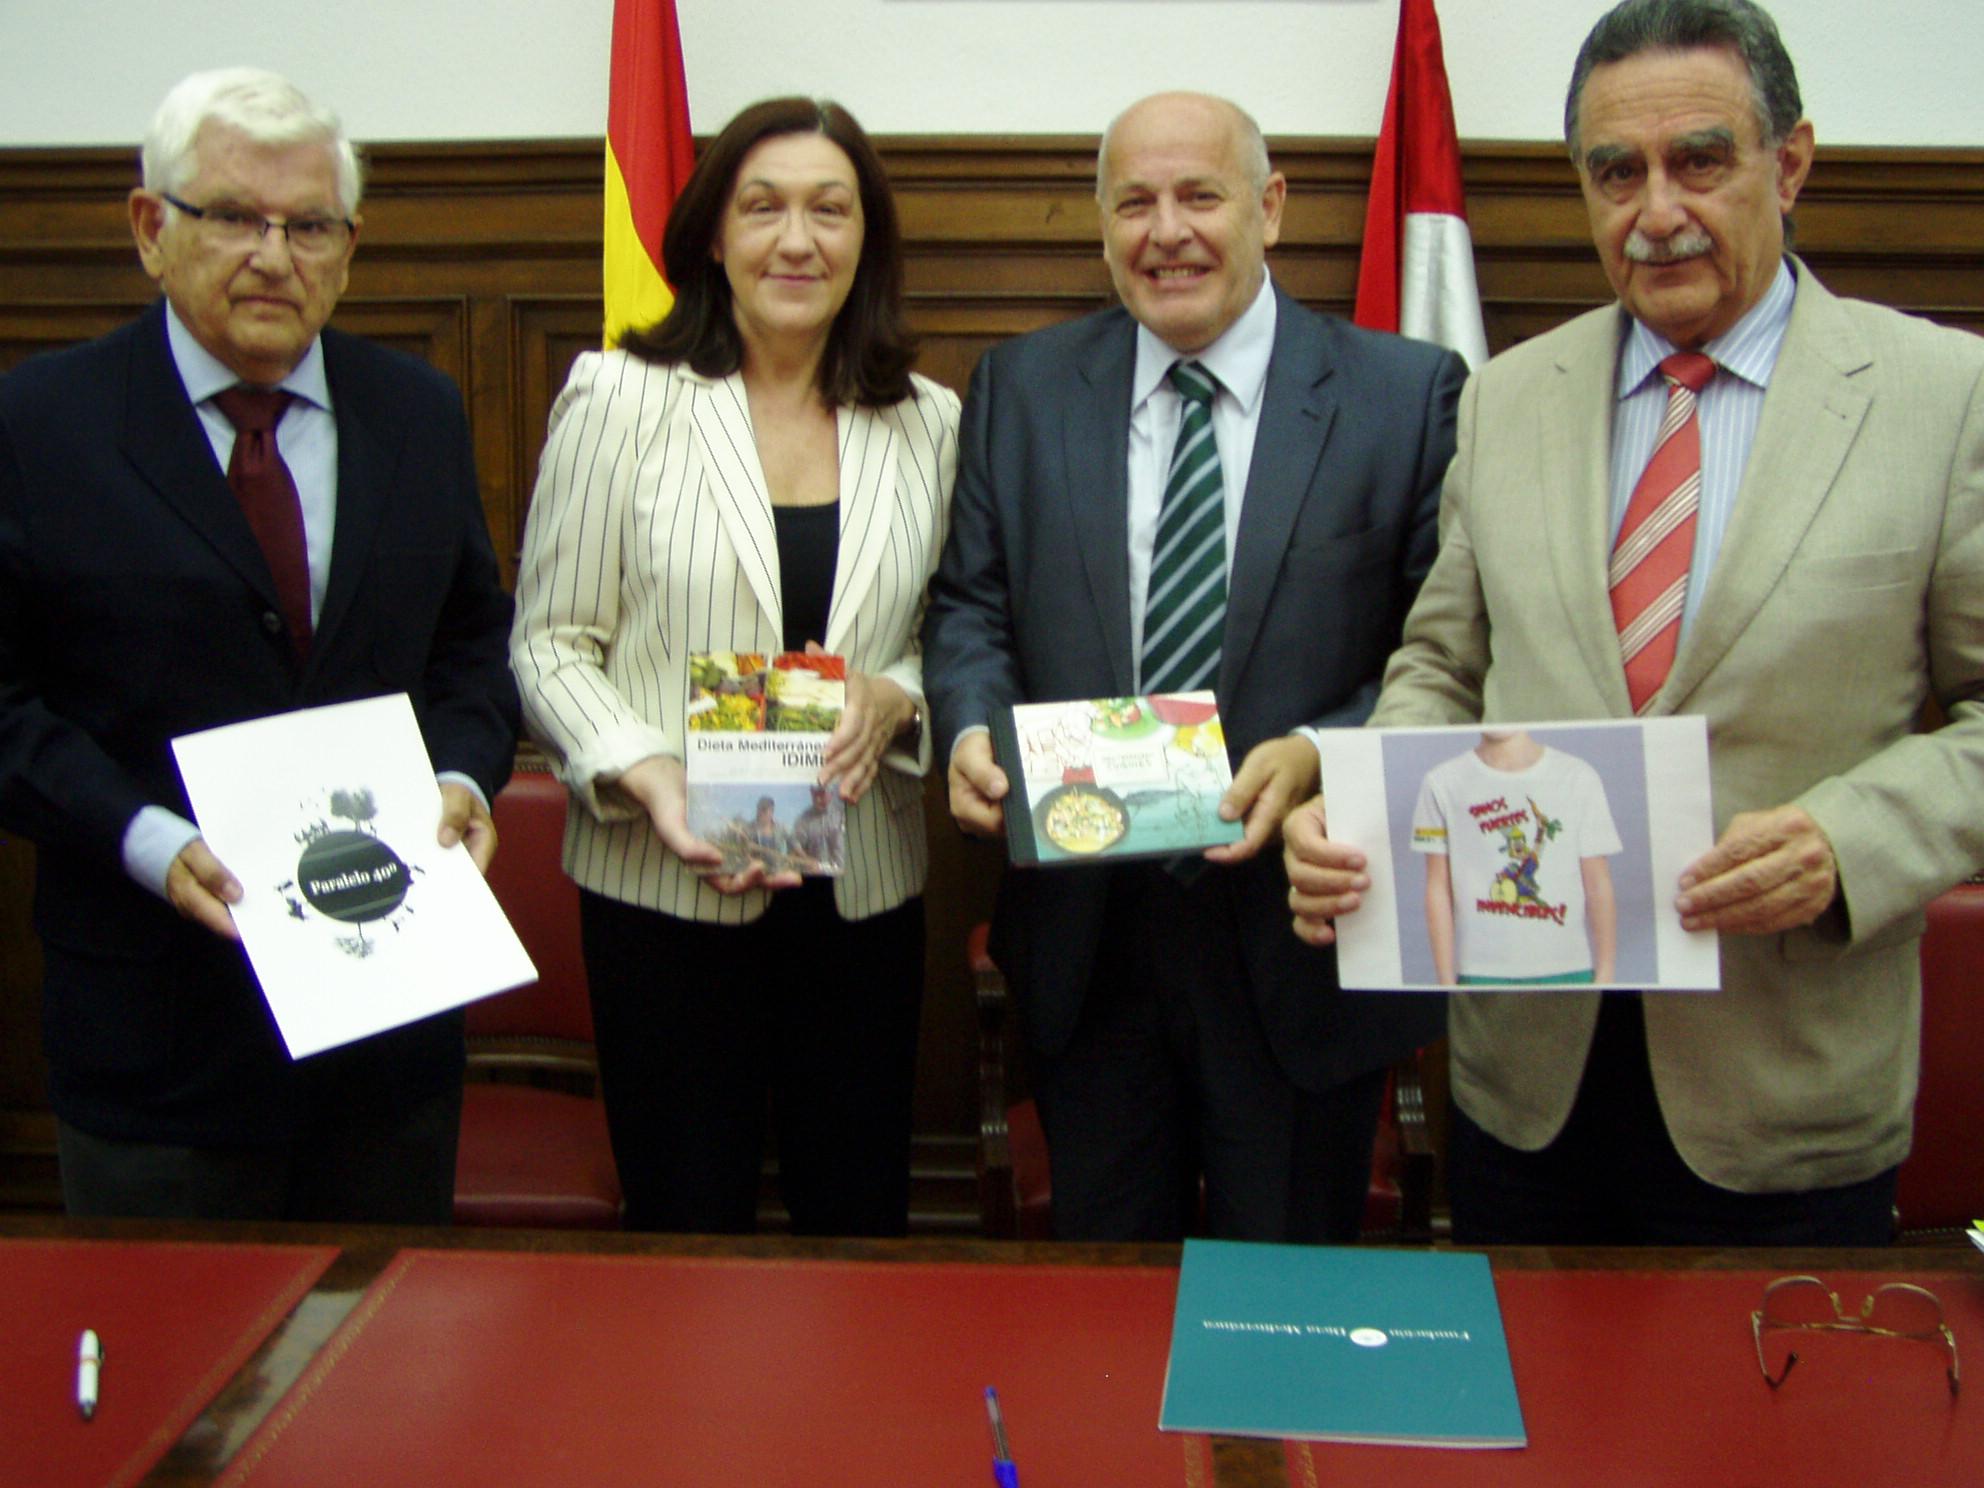 La Fundación Dieta Mediterránea presenta el Inventario de la Dieta Mediterránea de Castilla León